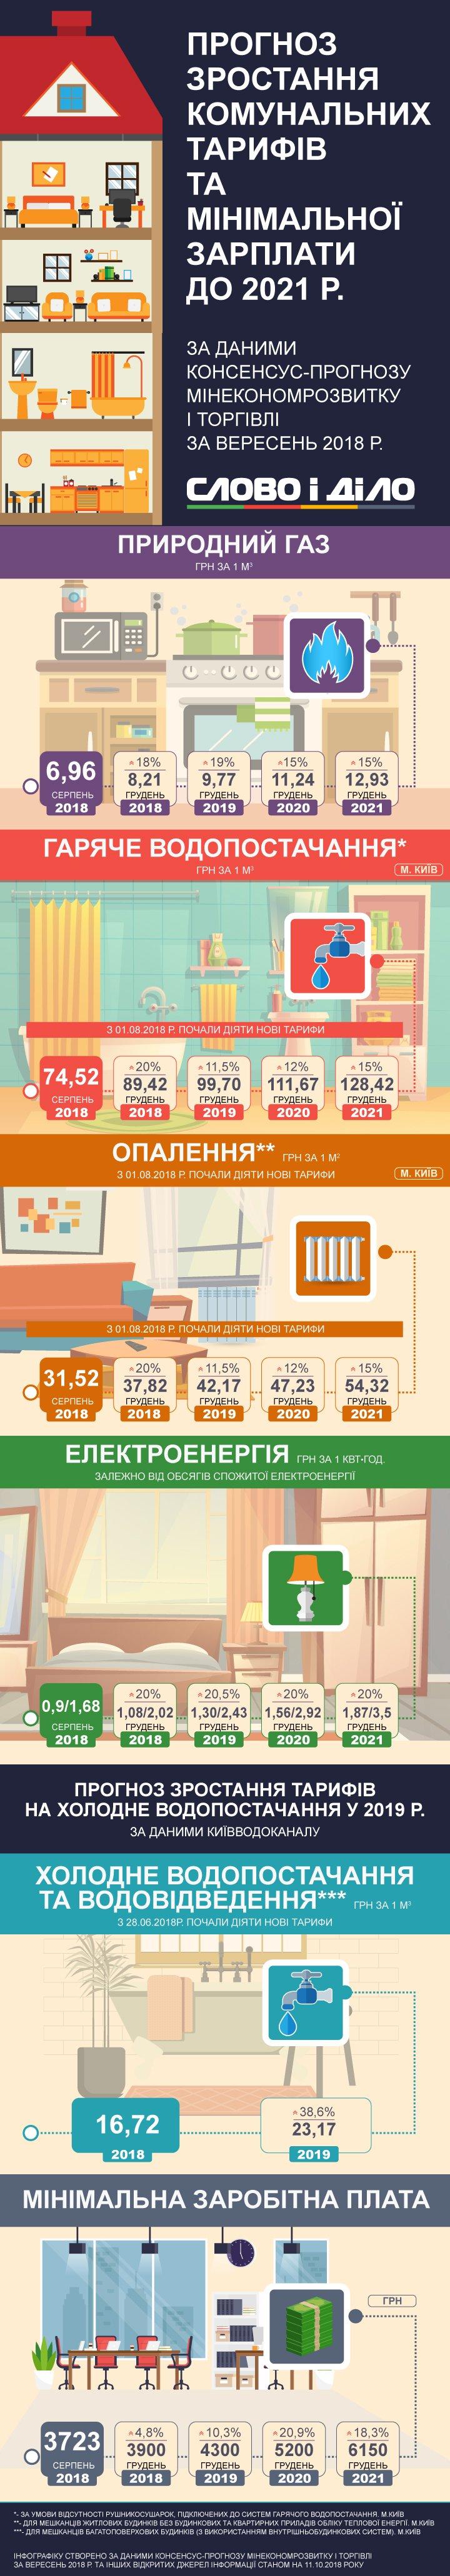 Как в Украине изменятся тарифы к 2021 году